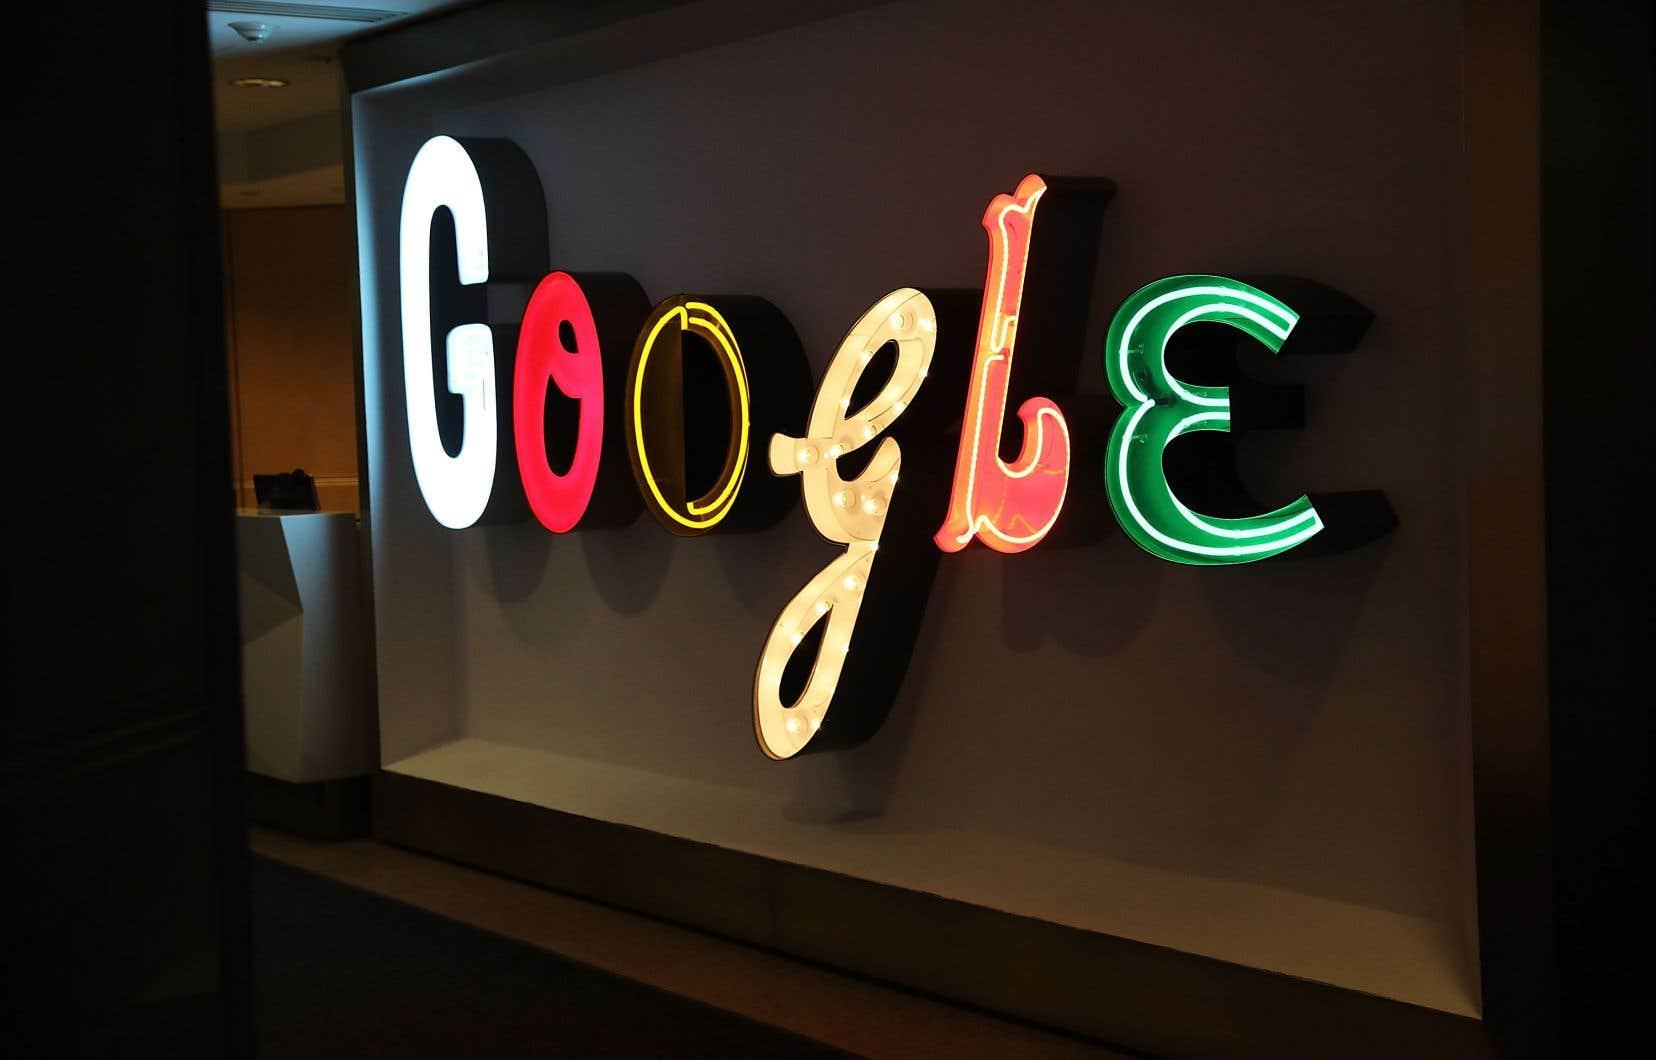 Le géant des moteurs de recherche a présenté une série de projets destinés à «renforcer une information fiable et de qualité».